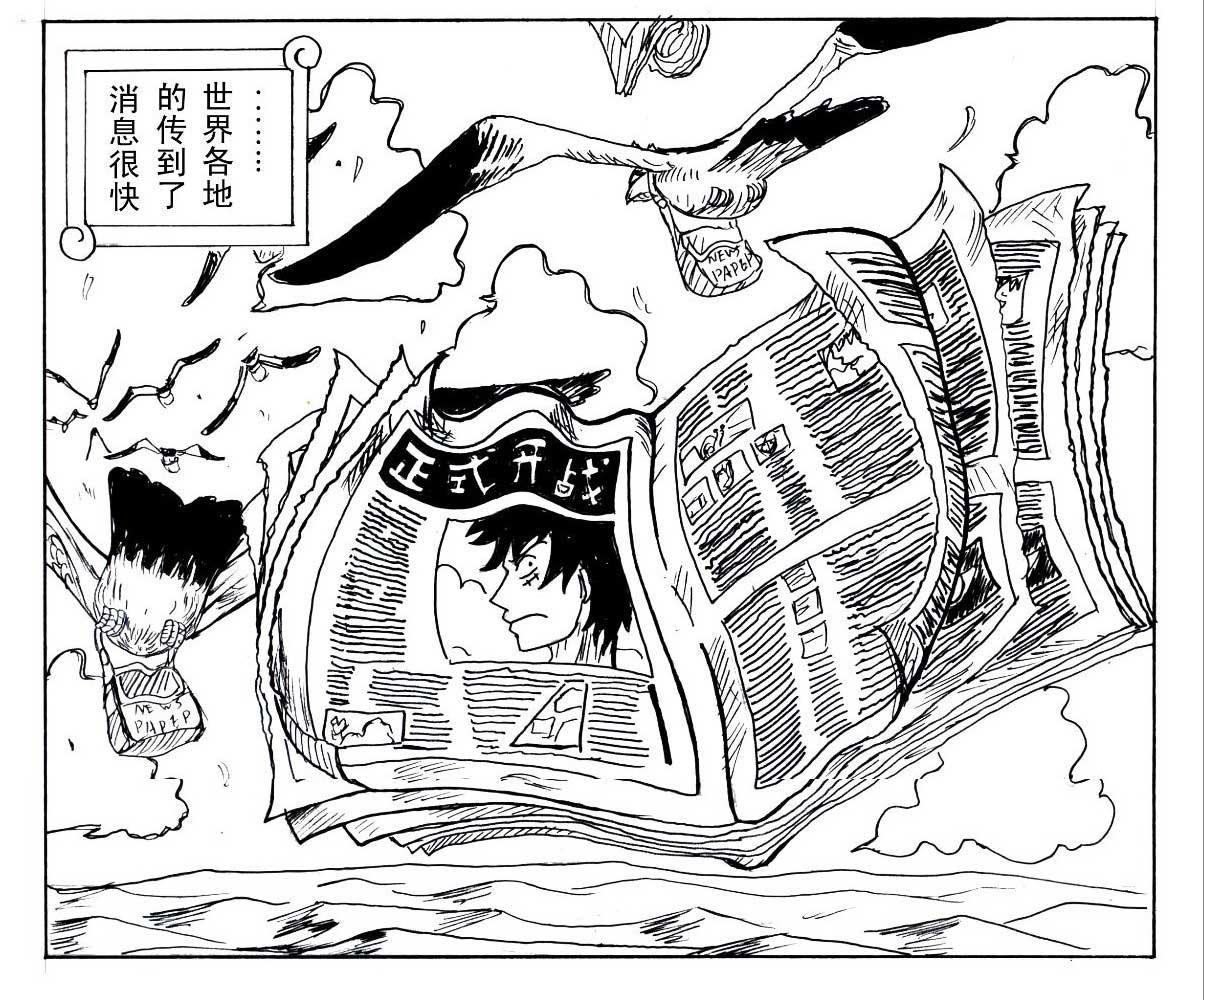 海贼王原创同人漫画:路飞vs赤犬漫画图片